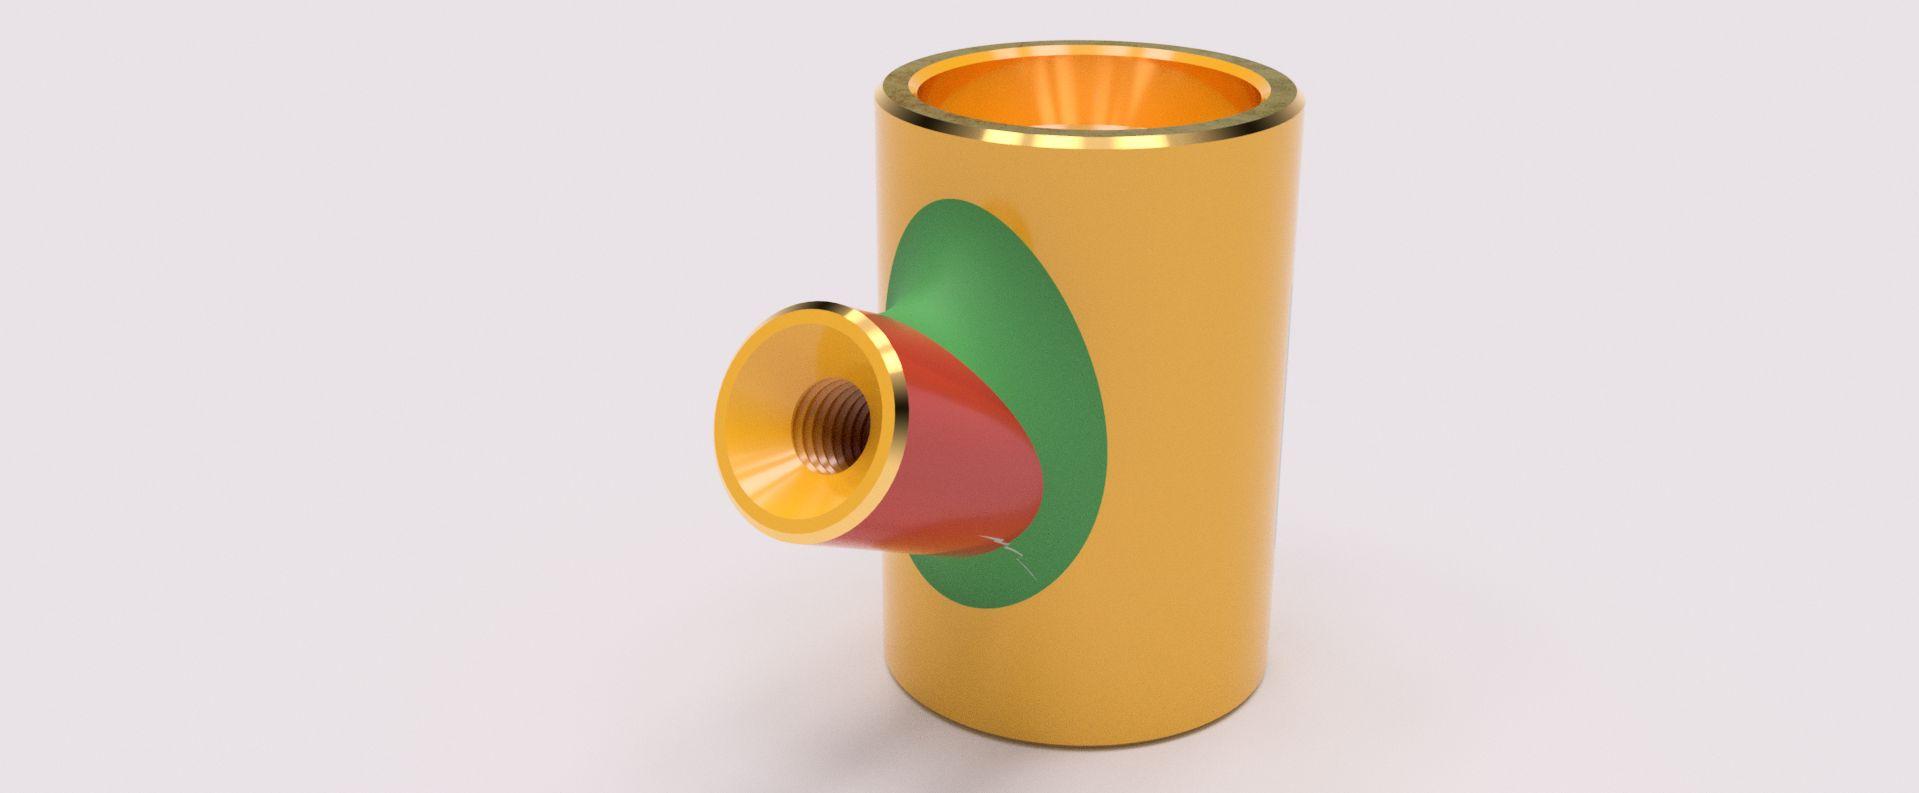 Brass-fitting---render-3500-3500